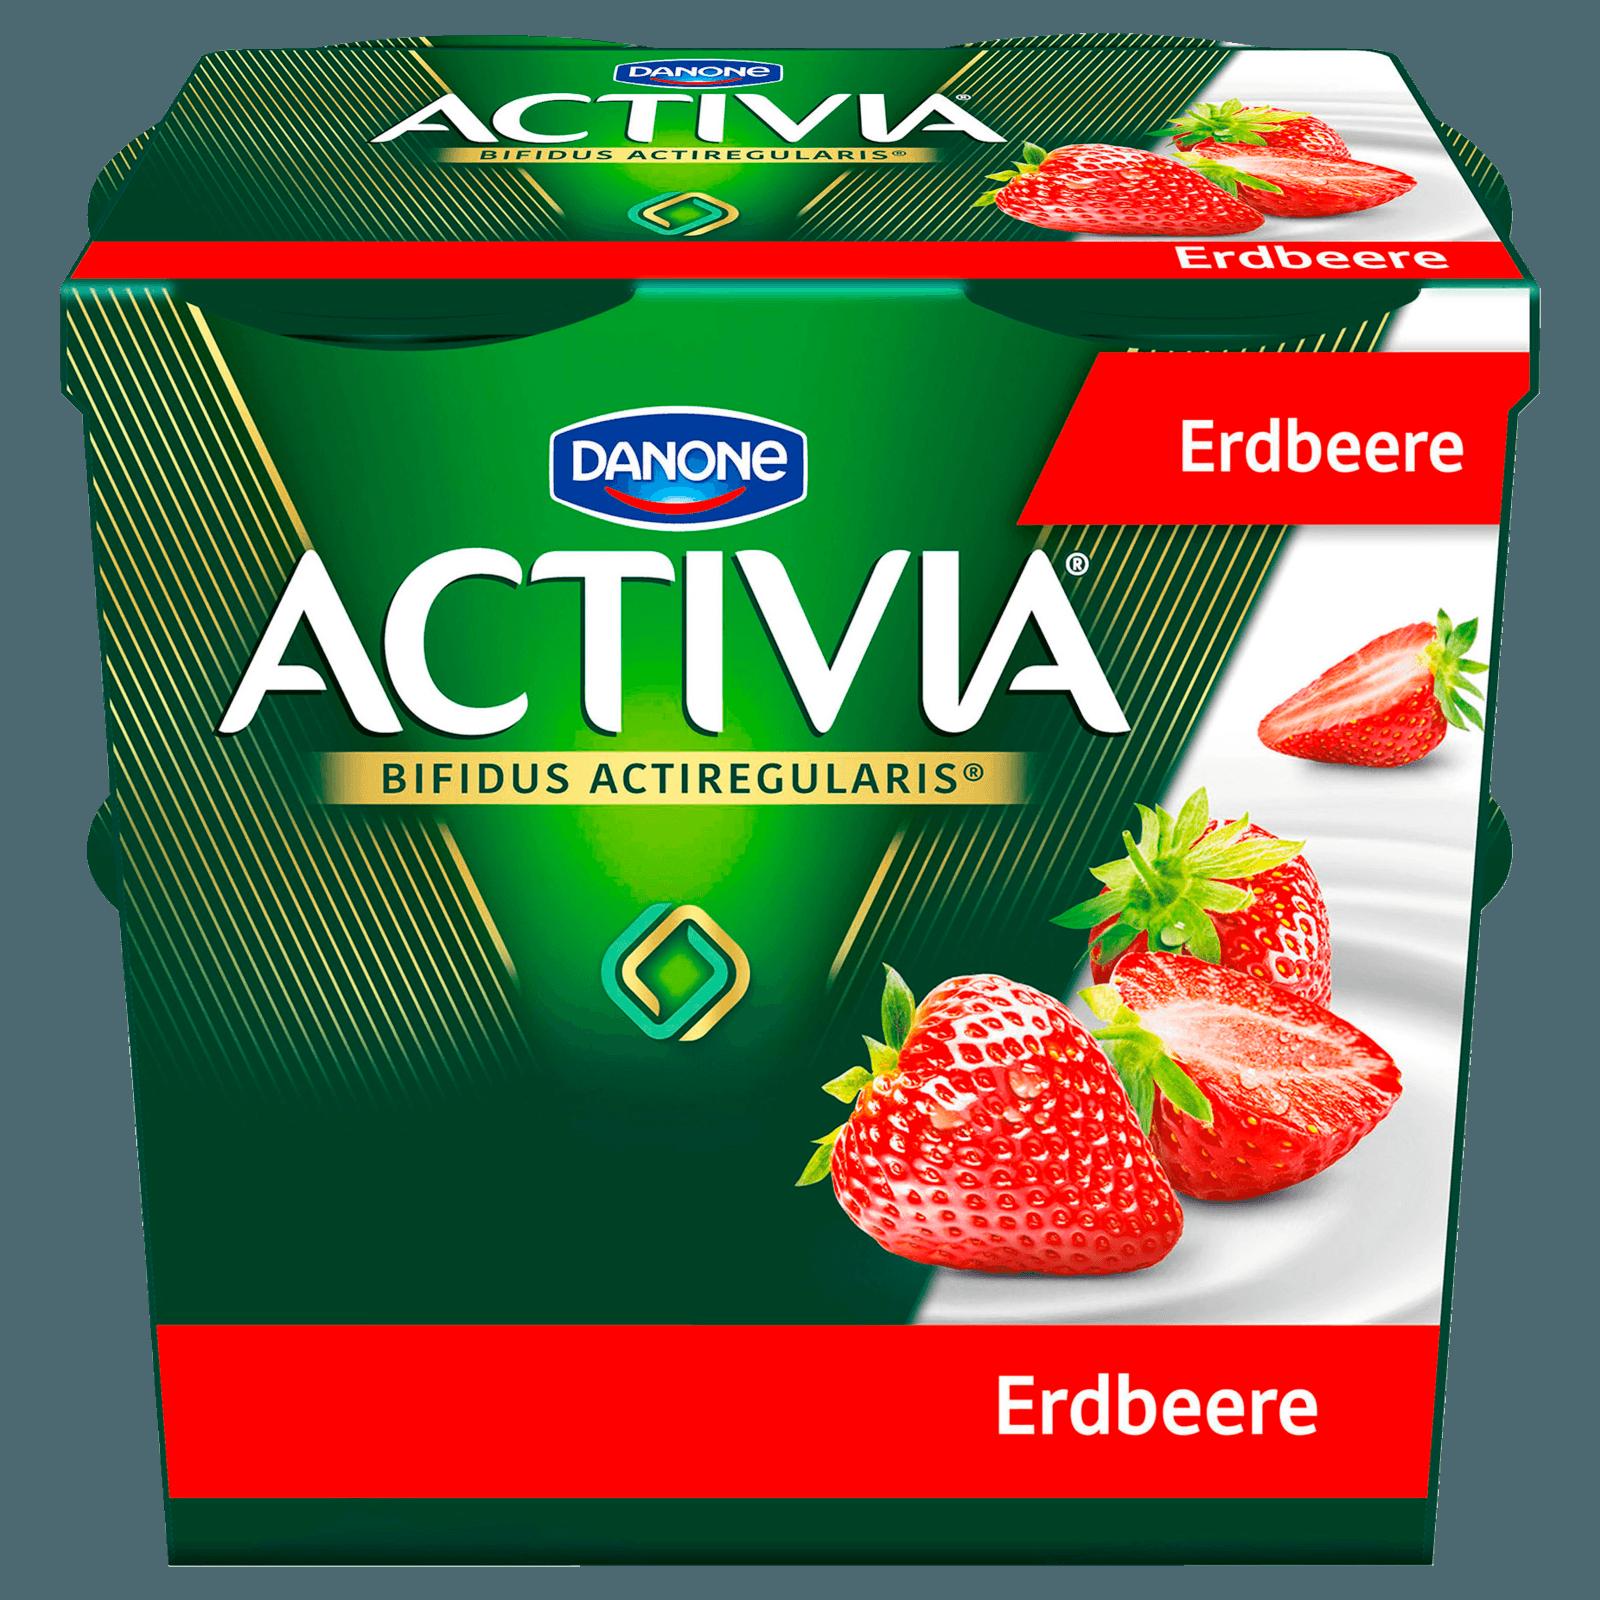 Danone Activia Erdbeere 4x125g